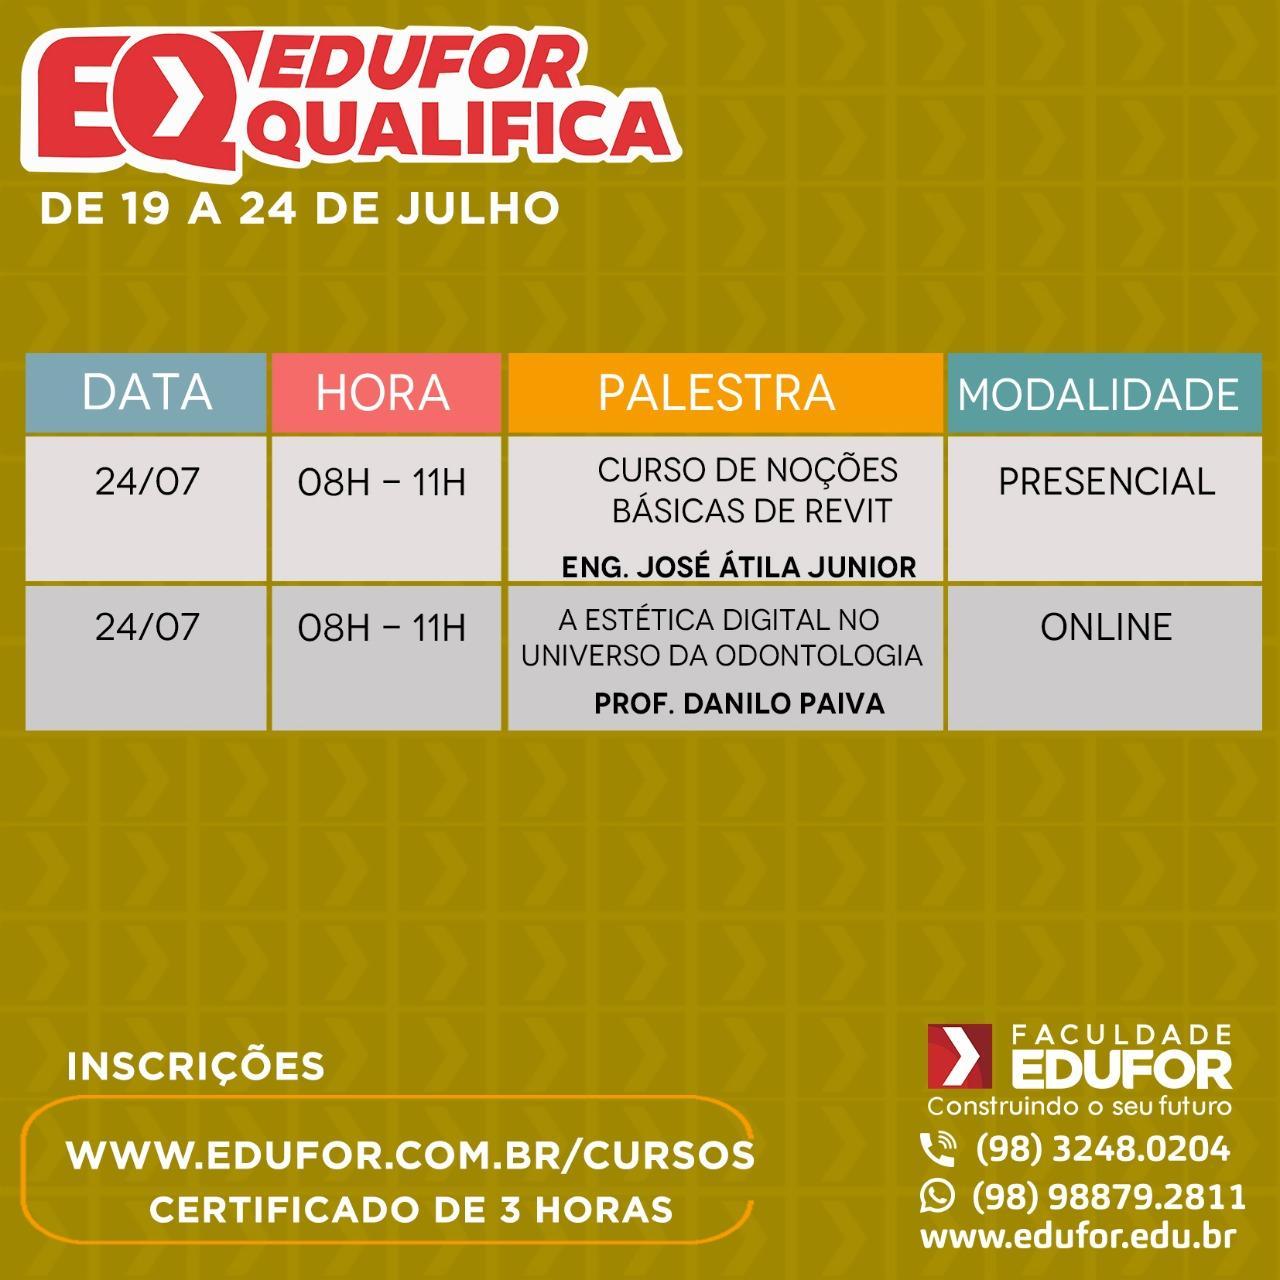 Faculdade Edufor promove 6ª edição do Edufor Qualifica